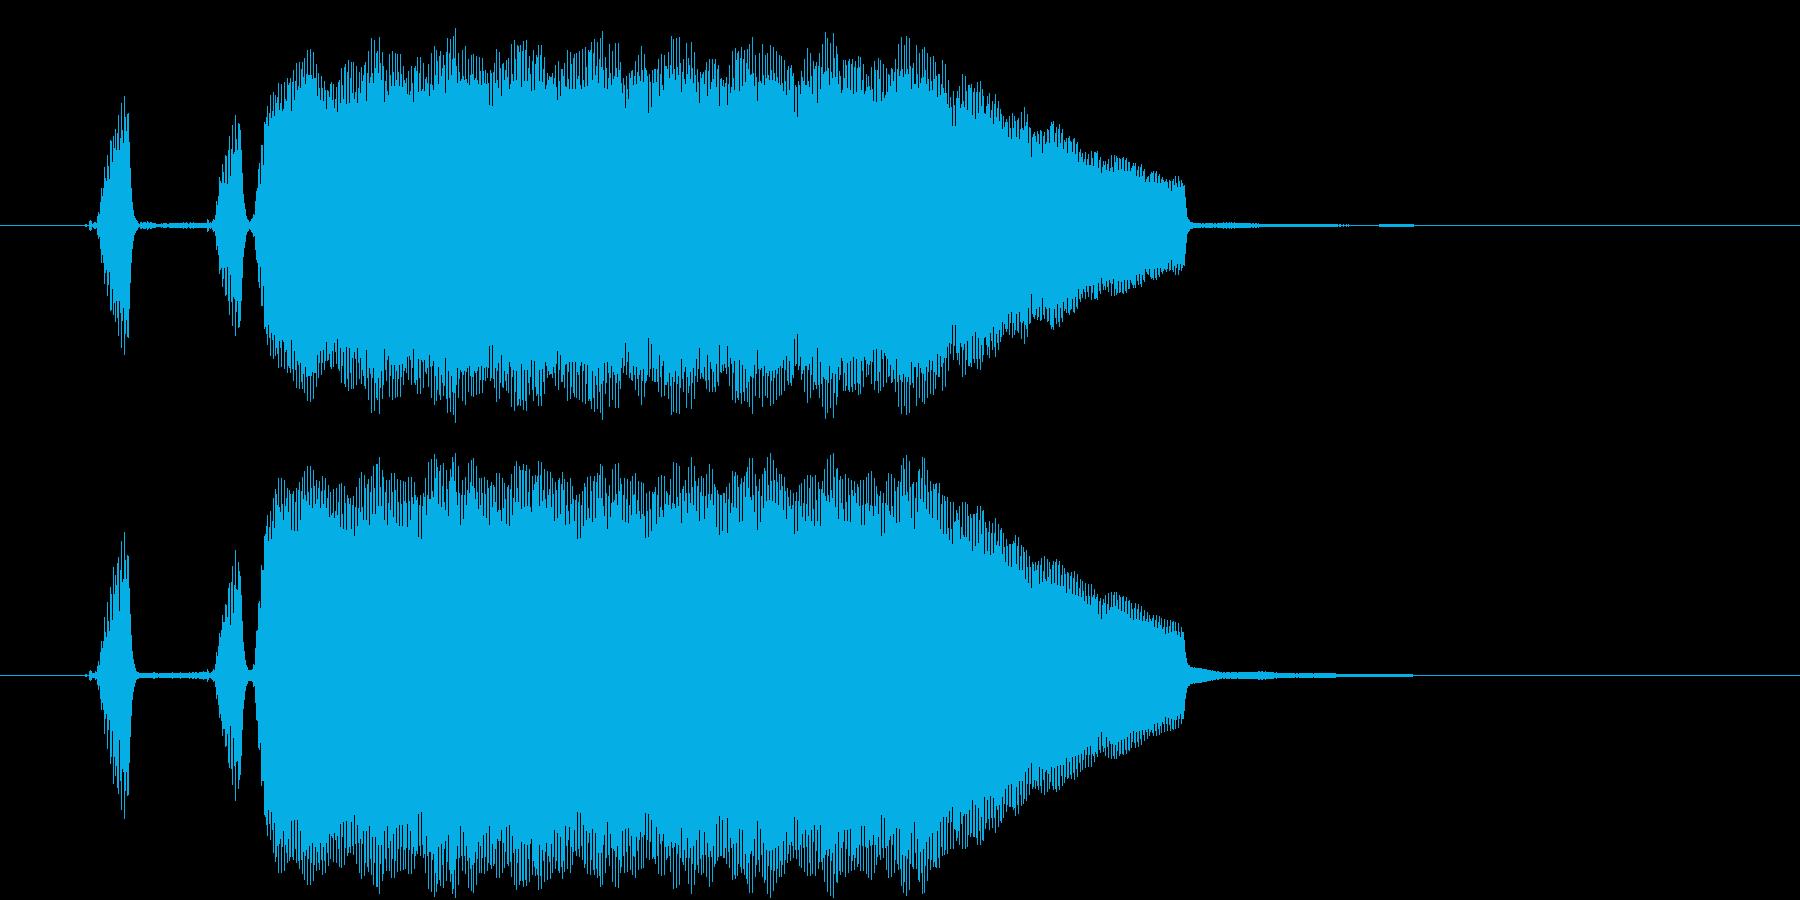 テッテレー リコーダー音のほのぼの系の再生済みの波形